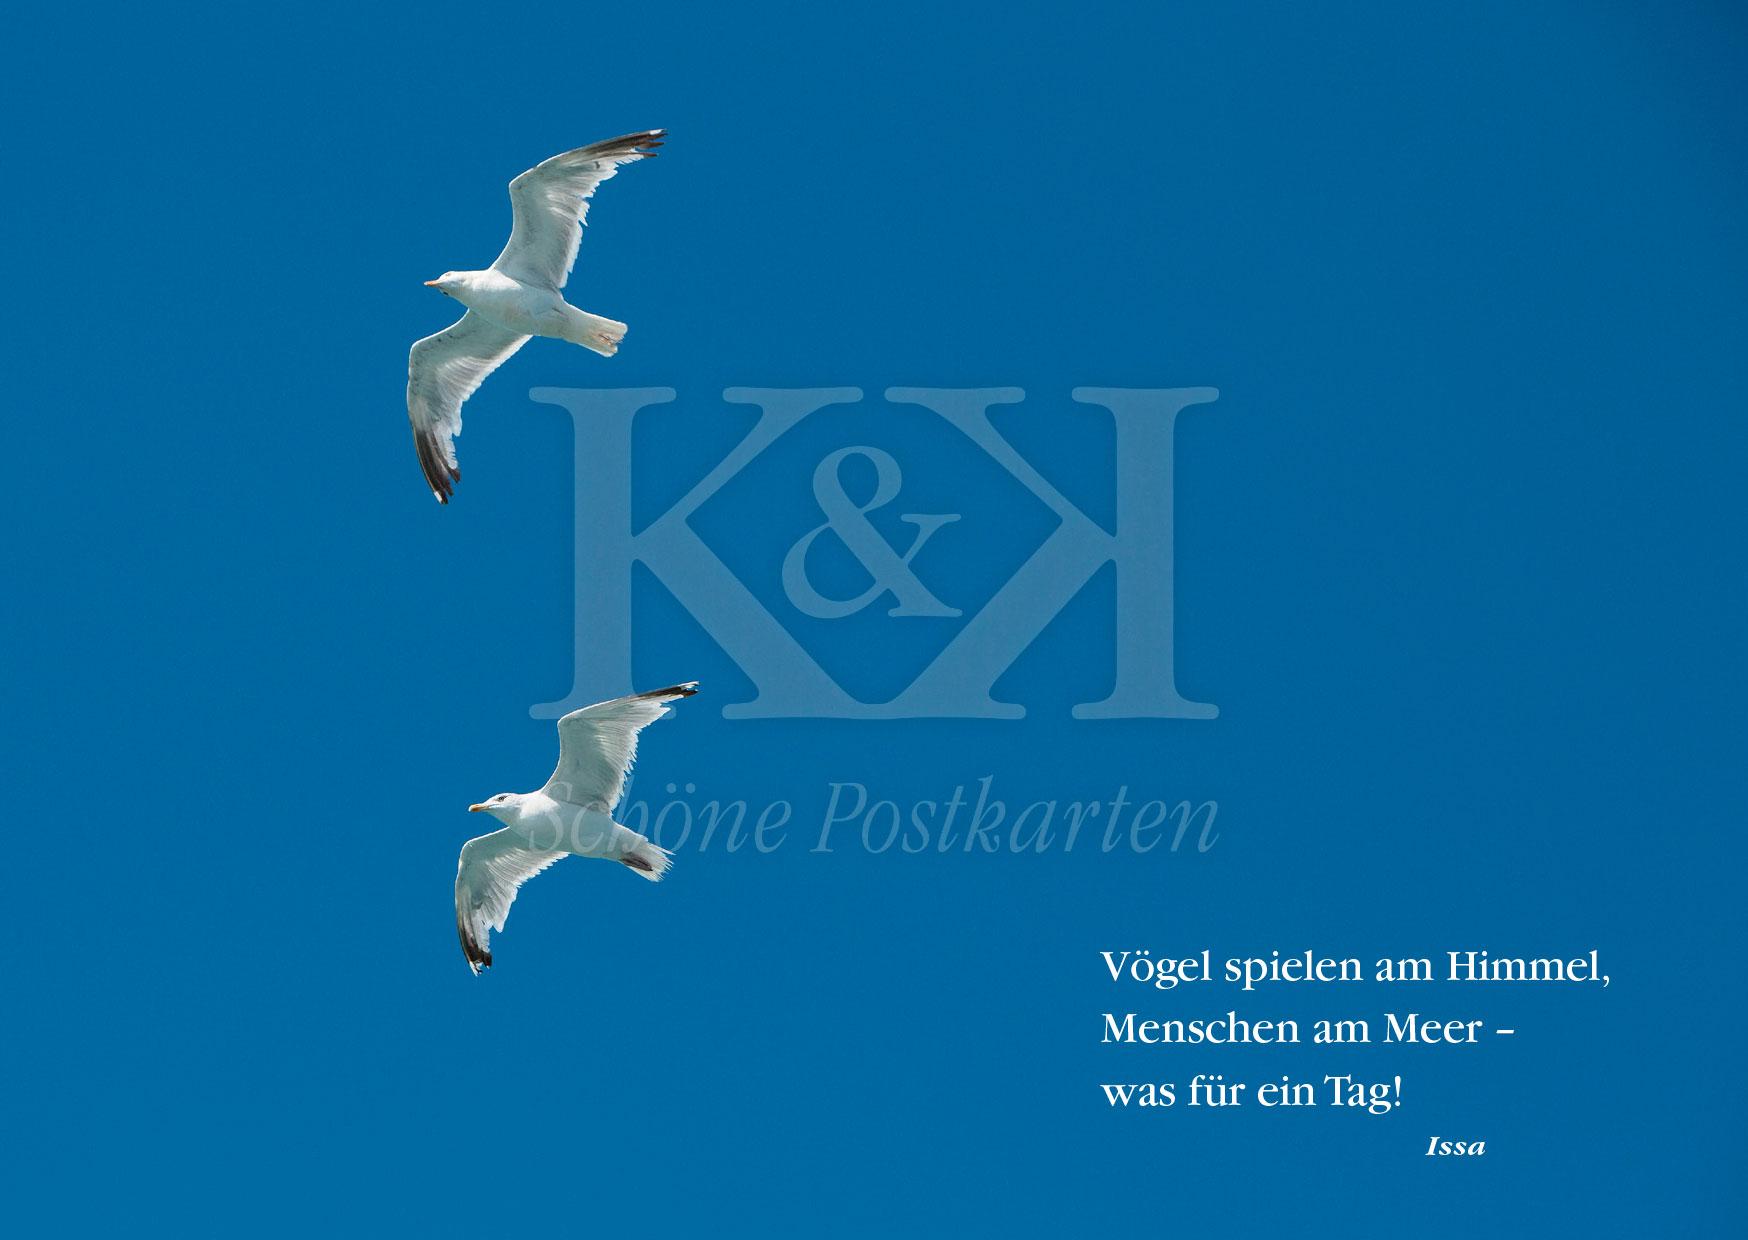 <strong>Schöne Postkarte Nr. 89</strong> · Issa: Vögel spielen am Meer © 2018